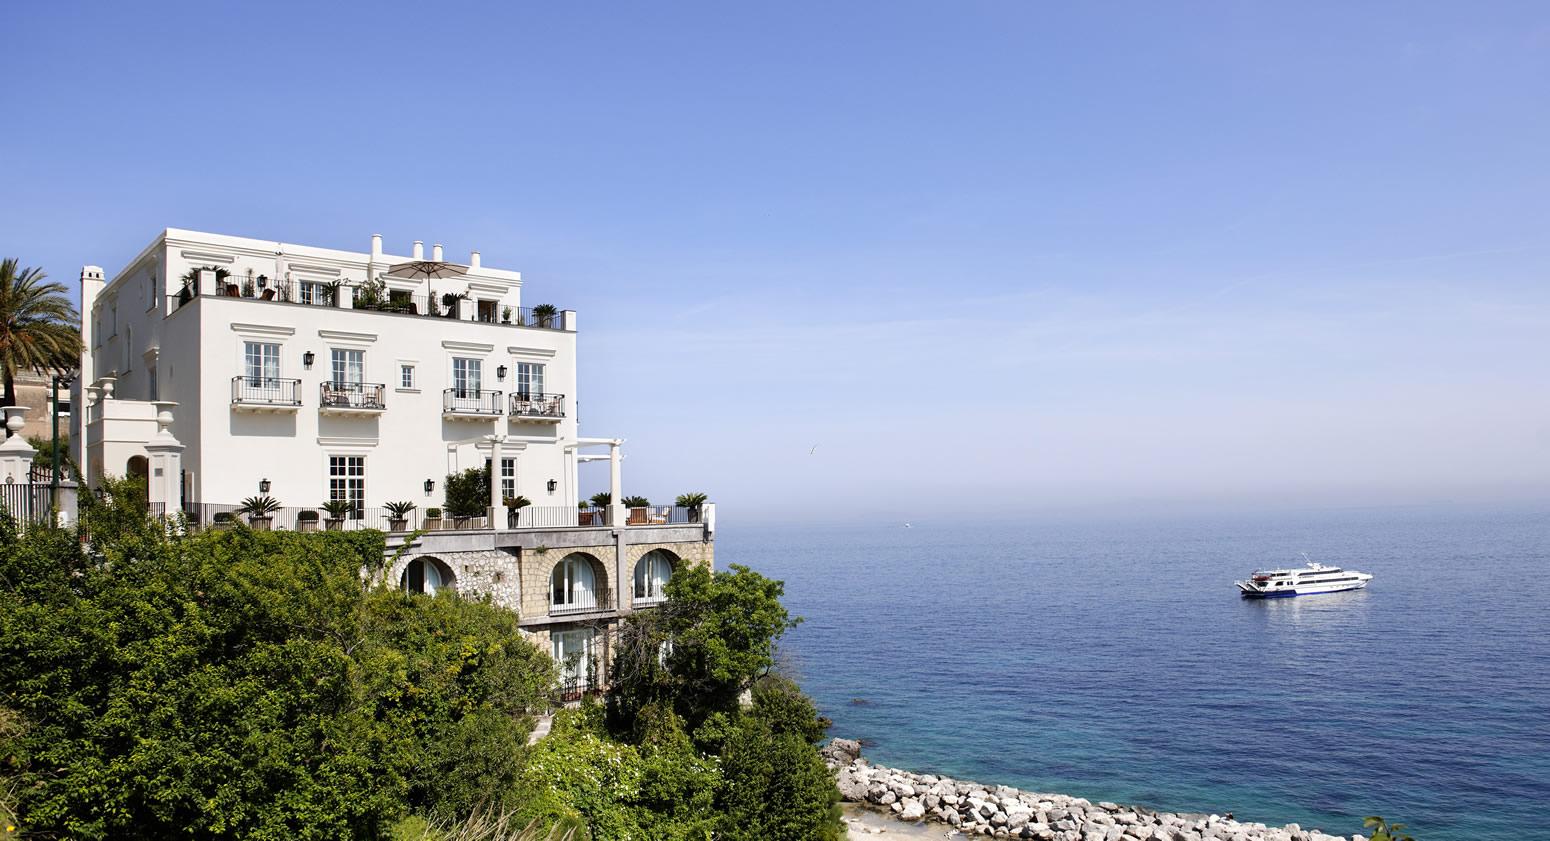 The iconic JK Place Capri.